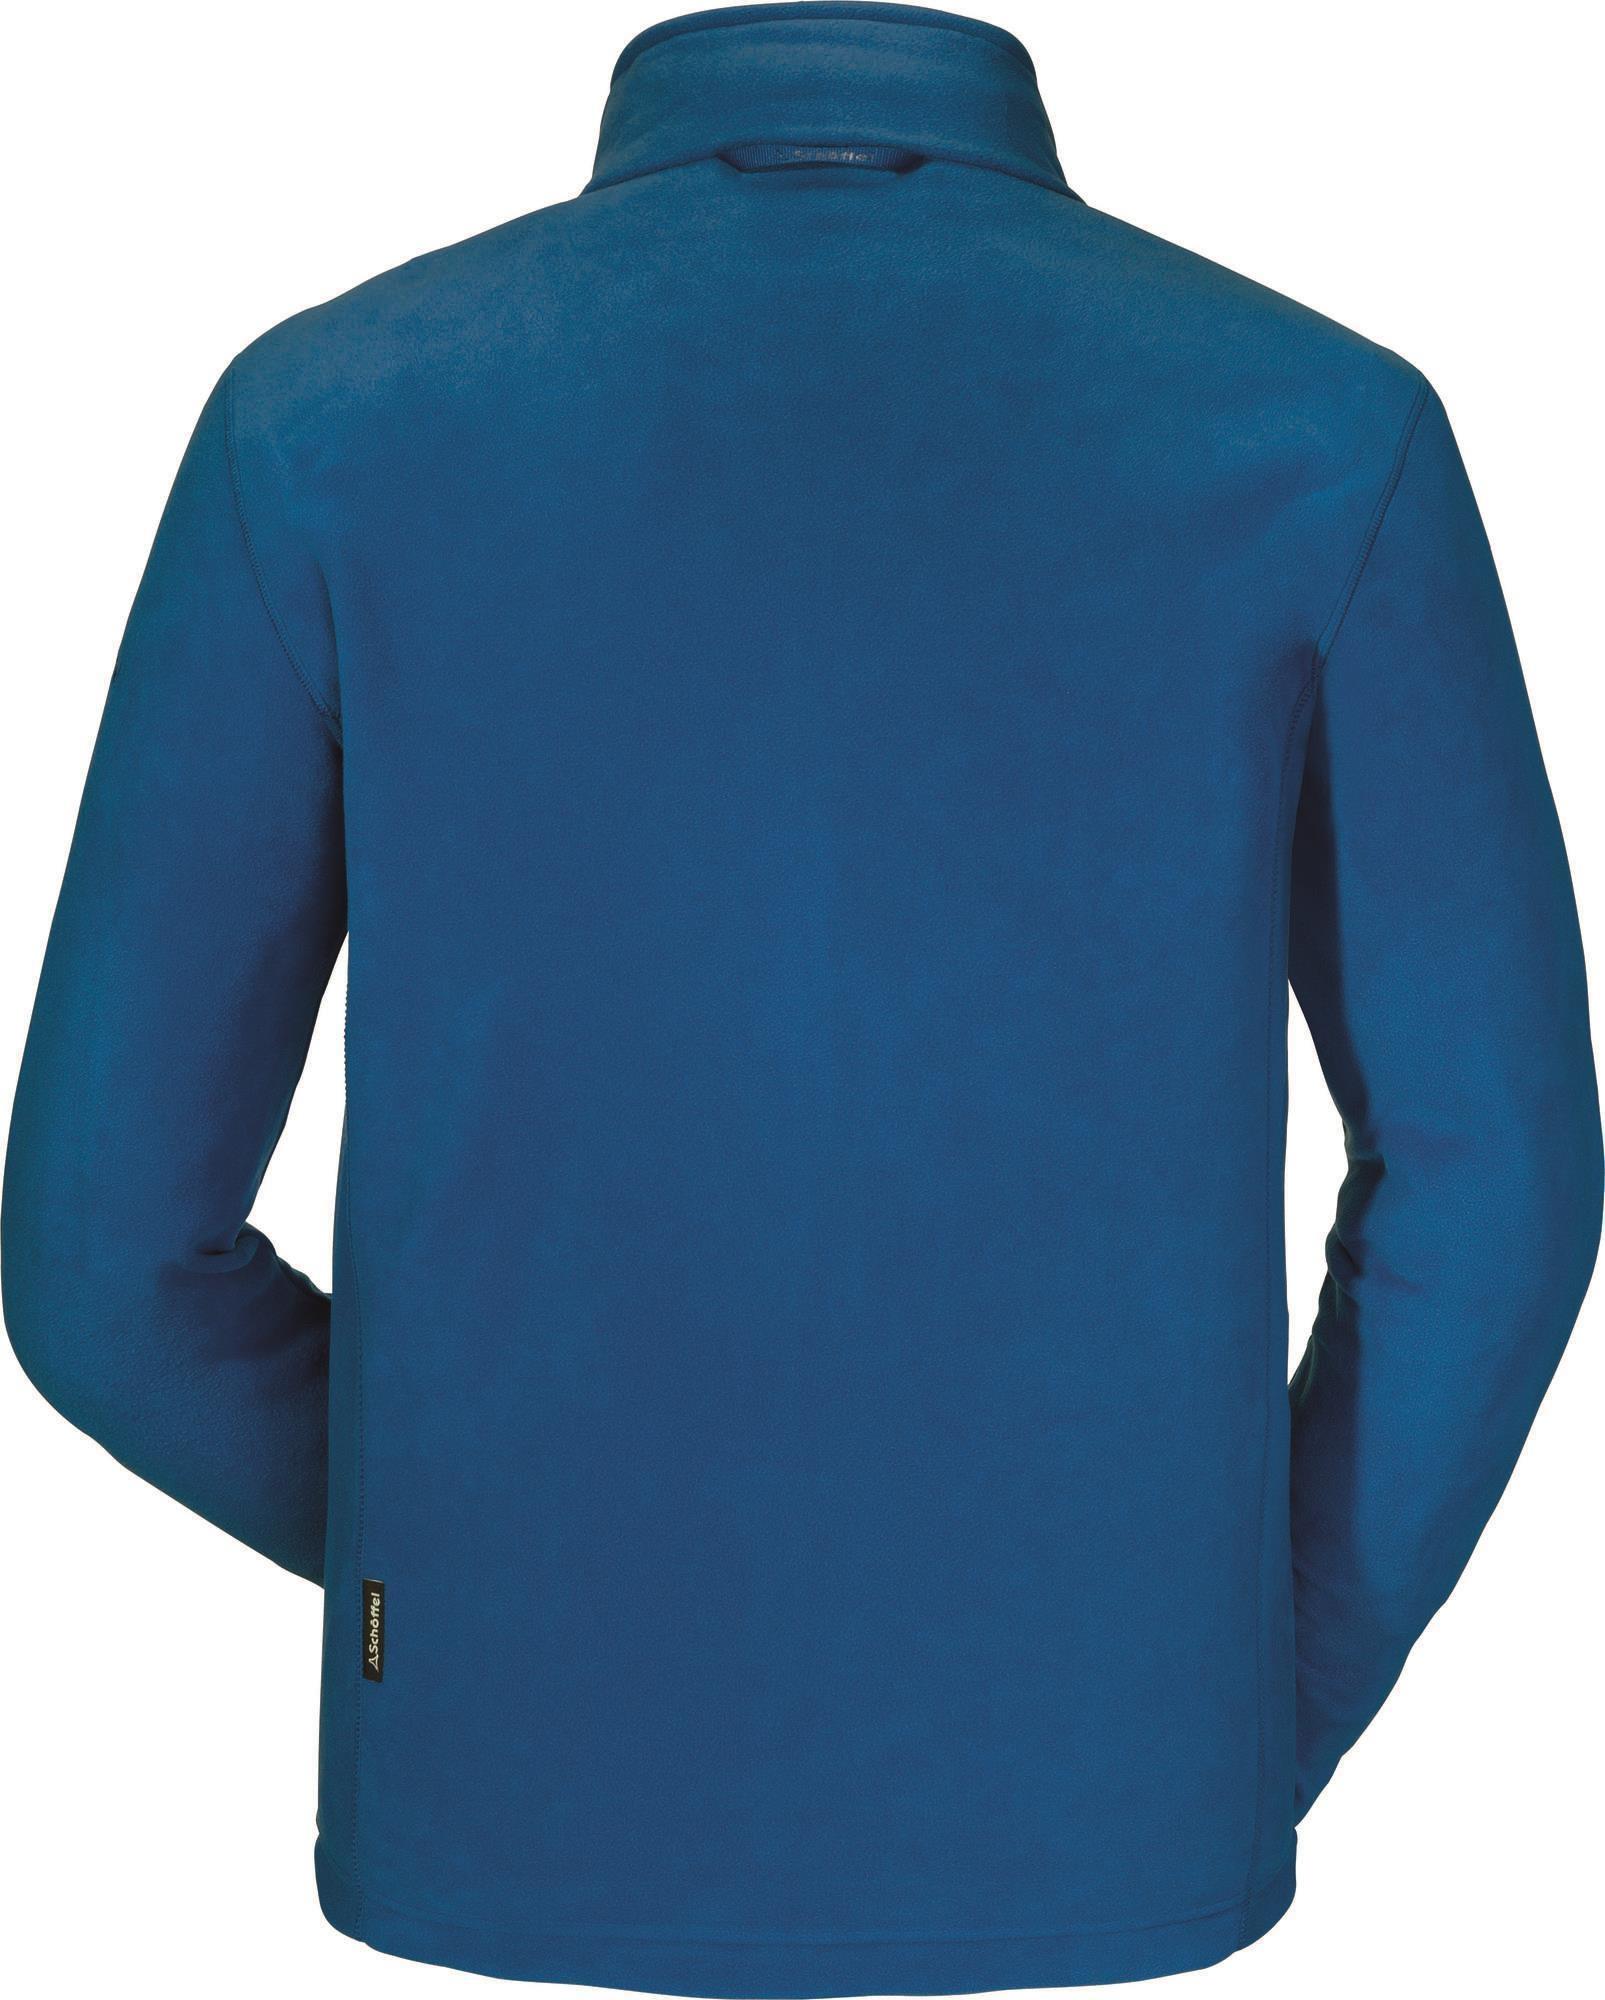 Schöffel Hr. Fleece Jacke Cincinnati2 22616 blau